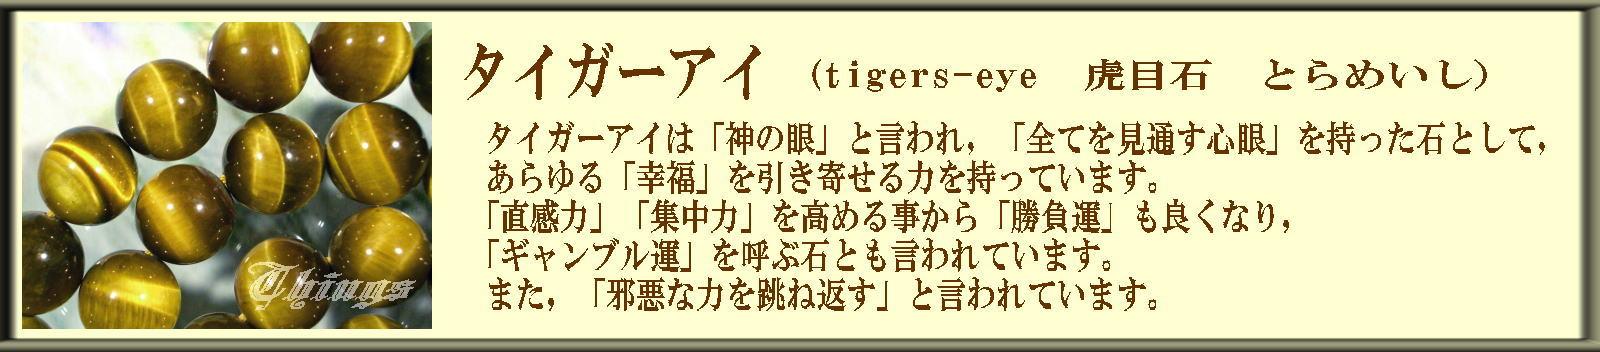 ◆タイガーアイ tigers-eye 虎目石 とらめいし◆